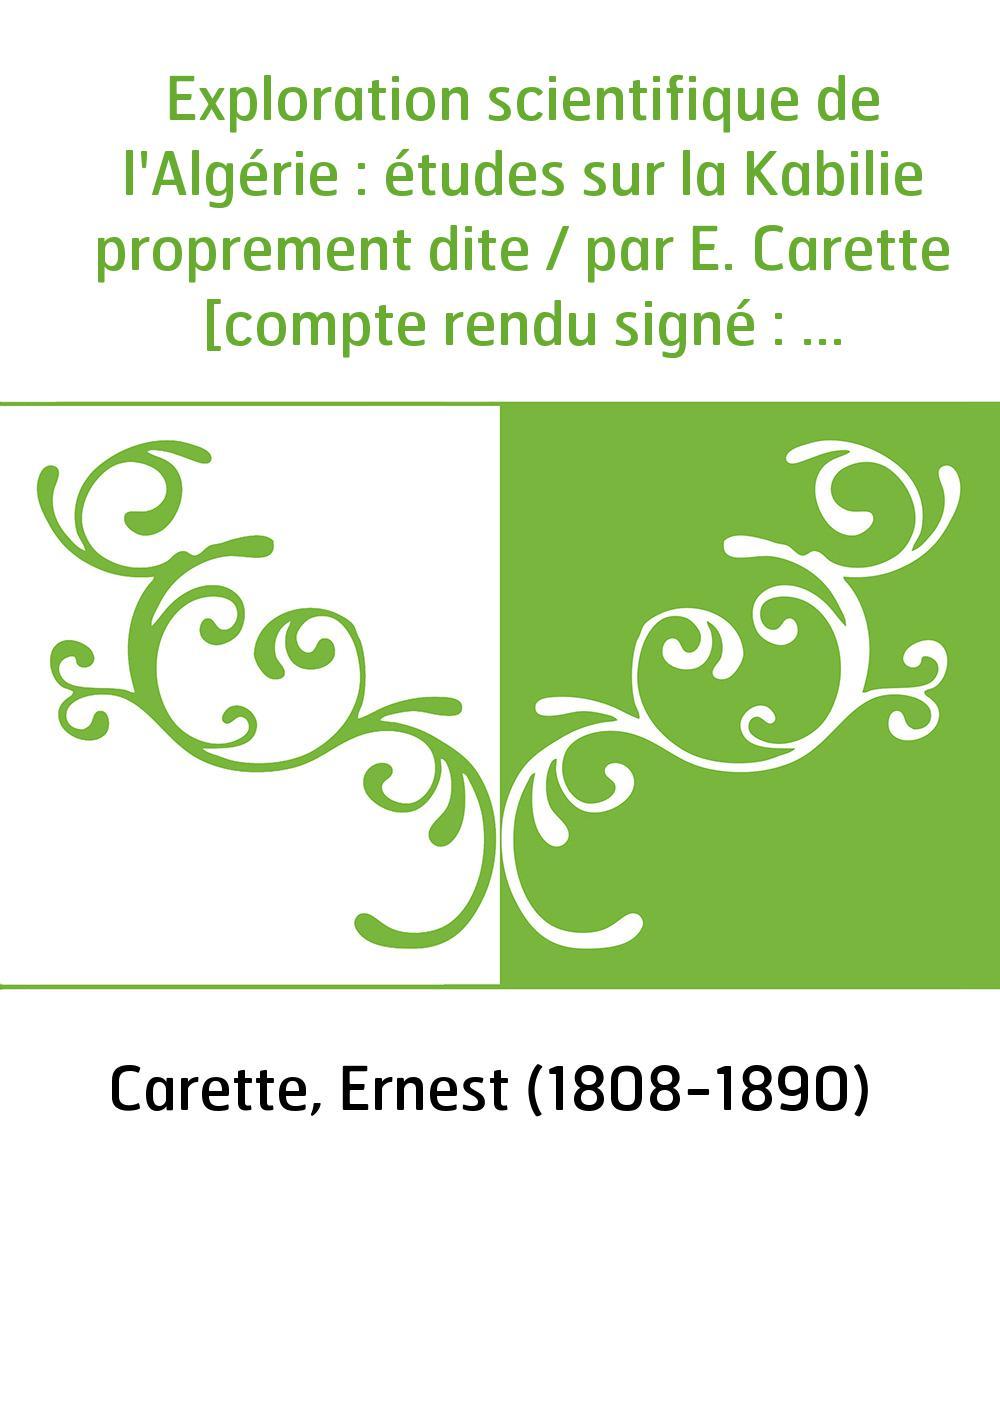 Exploration scientifique de l'Algérie : études sur la Kabilie proprement dite / par E. Carette [compte rendu signé : A. Carette]